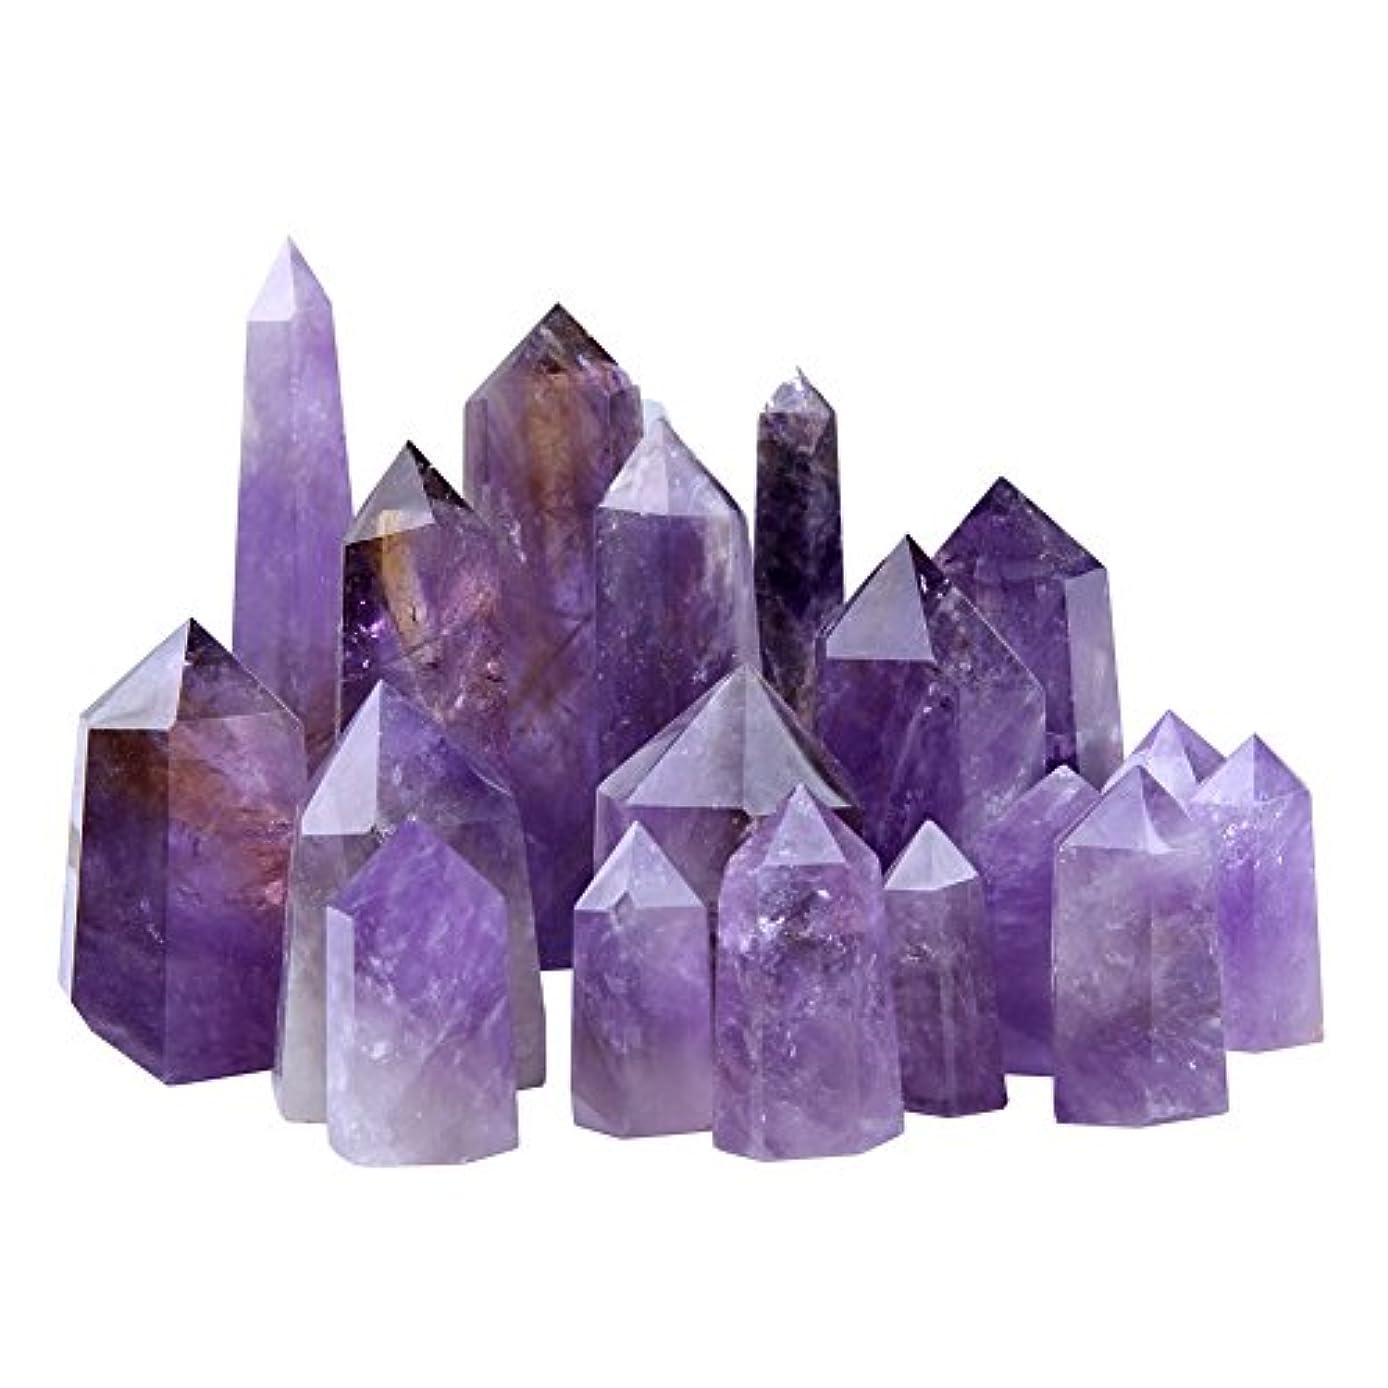 リクルート変形パブ(Amethyst 2) - Natural Purple Crystal Point 6 Faceted Amethyst Wand, 0.5kg for Healing, Reiki, Grids, Figurine...